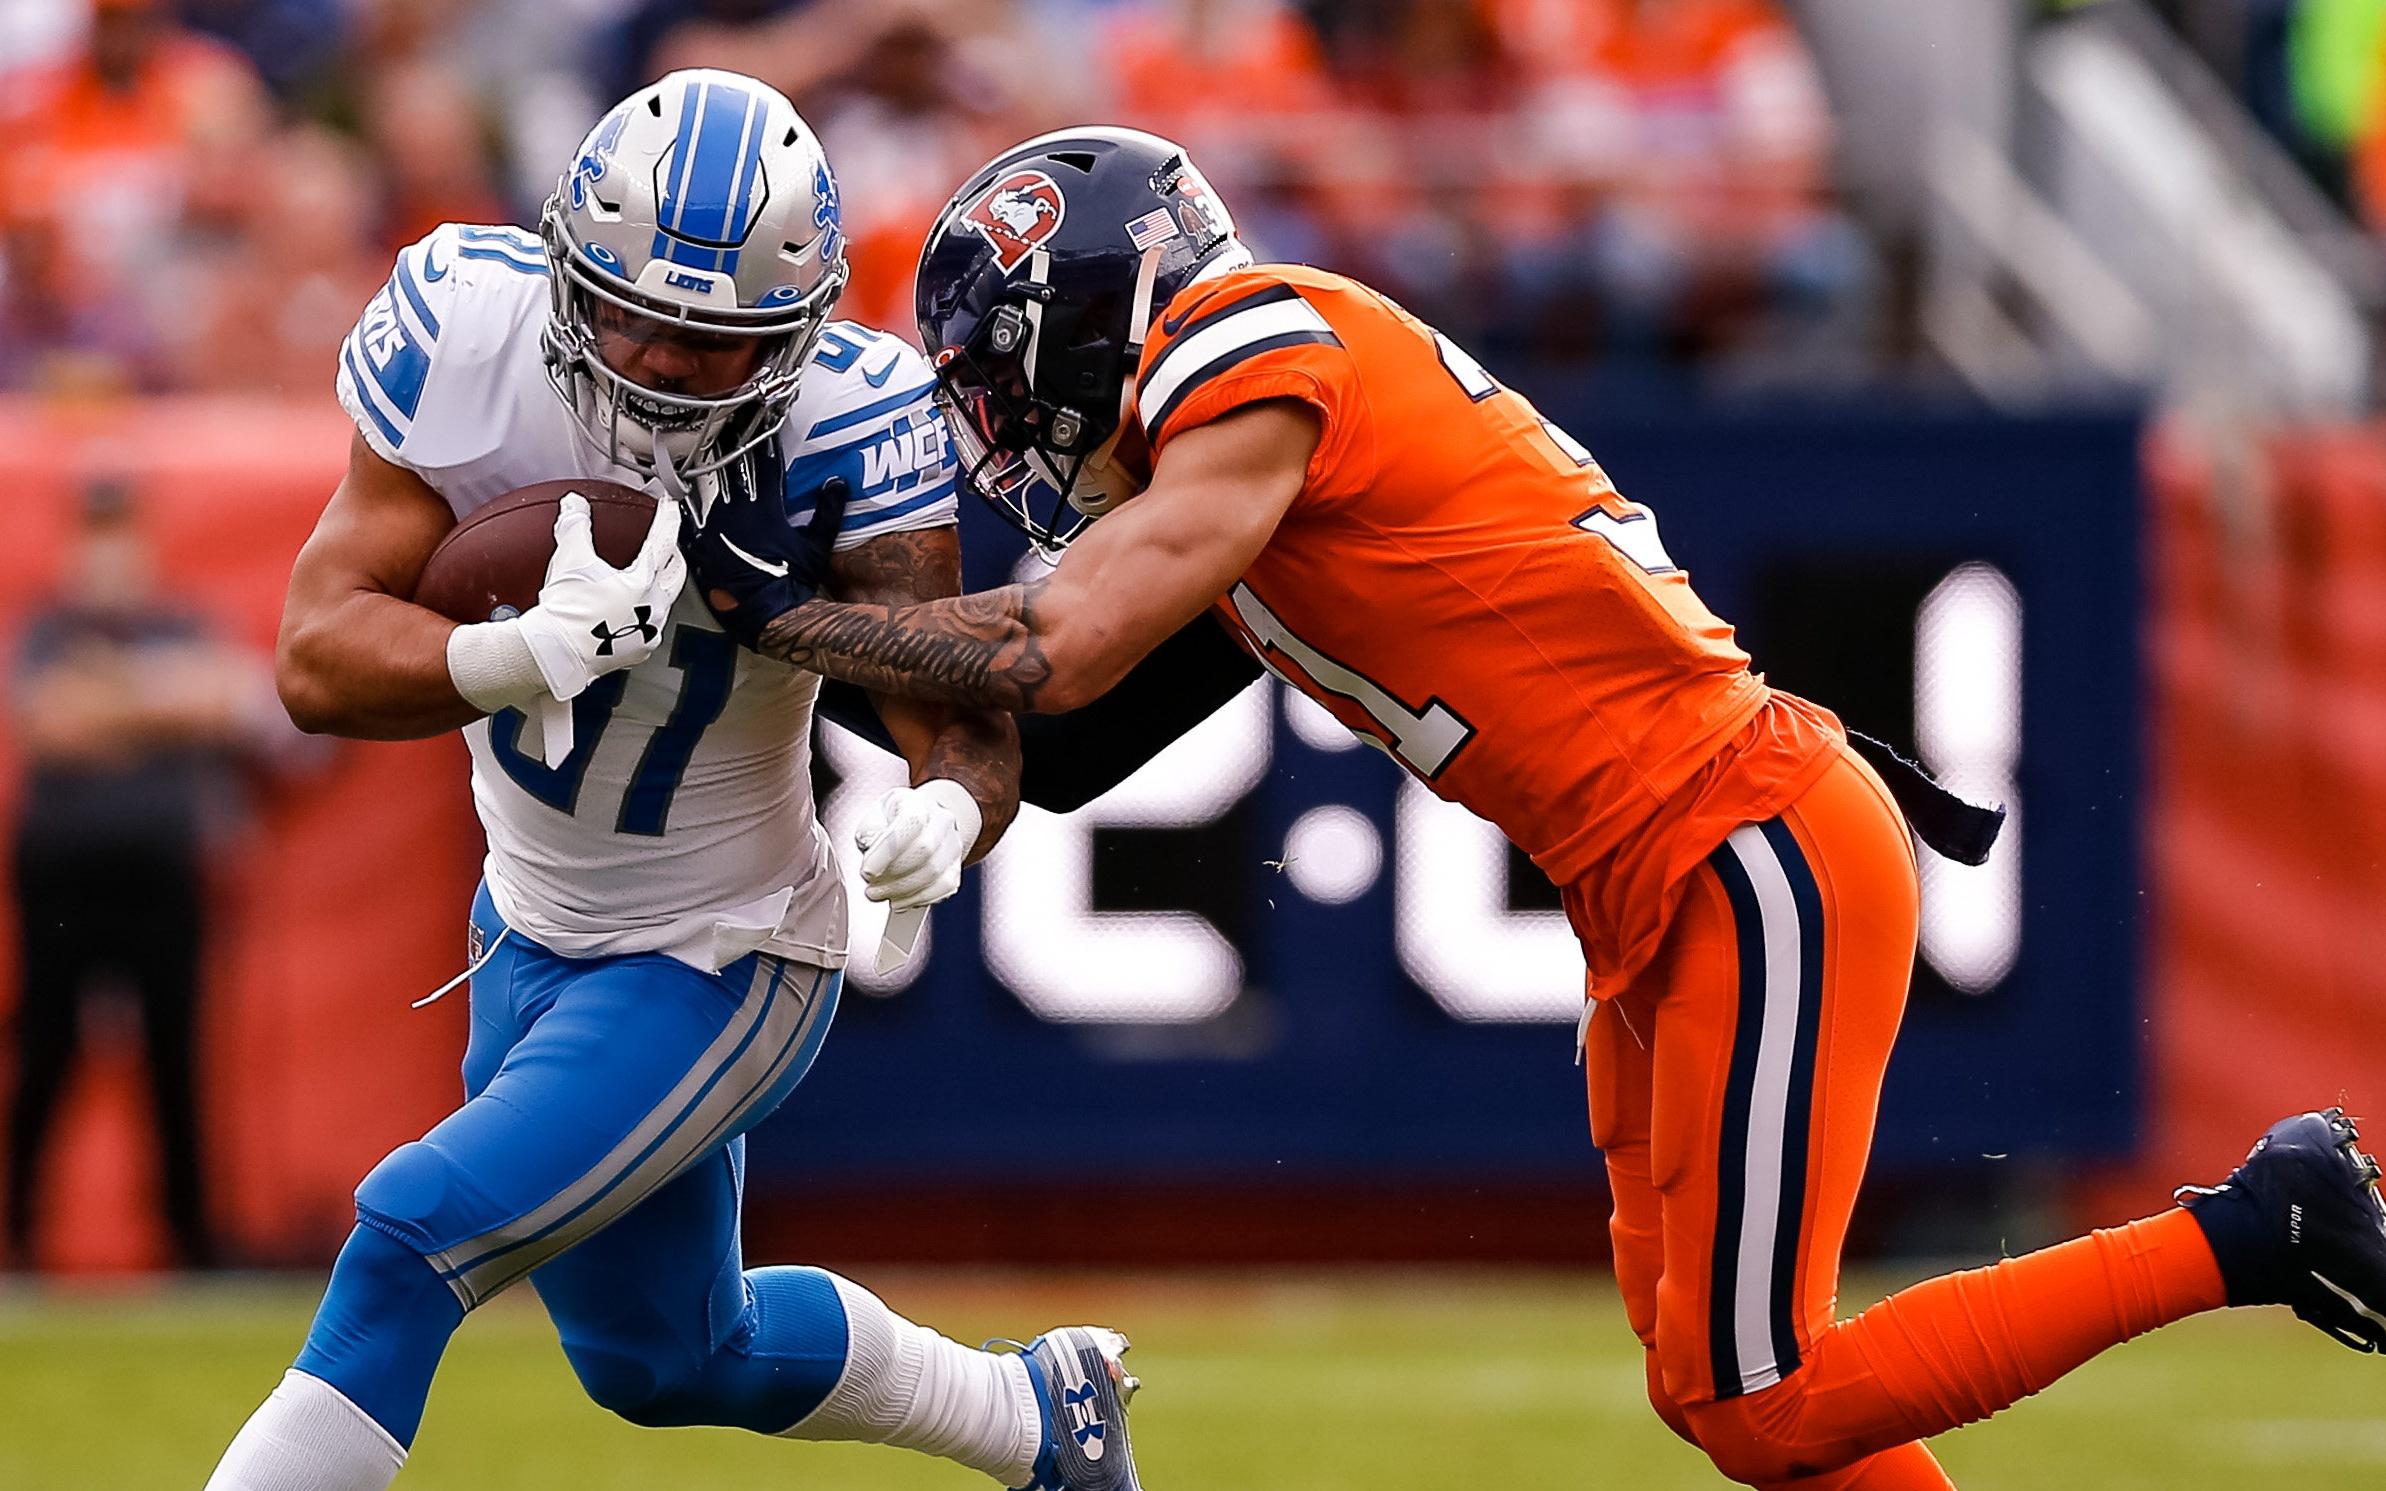 Justin Simmons makes a tackle. Credit: Isaiah J. Downing, USA TODAY Sports.